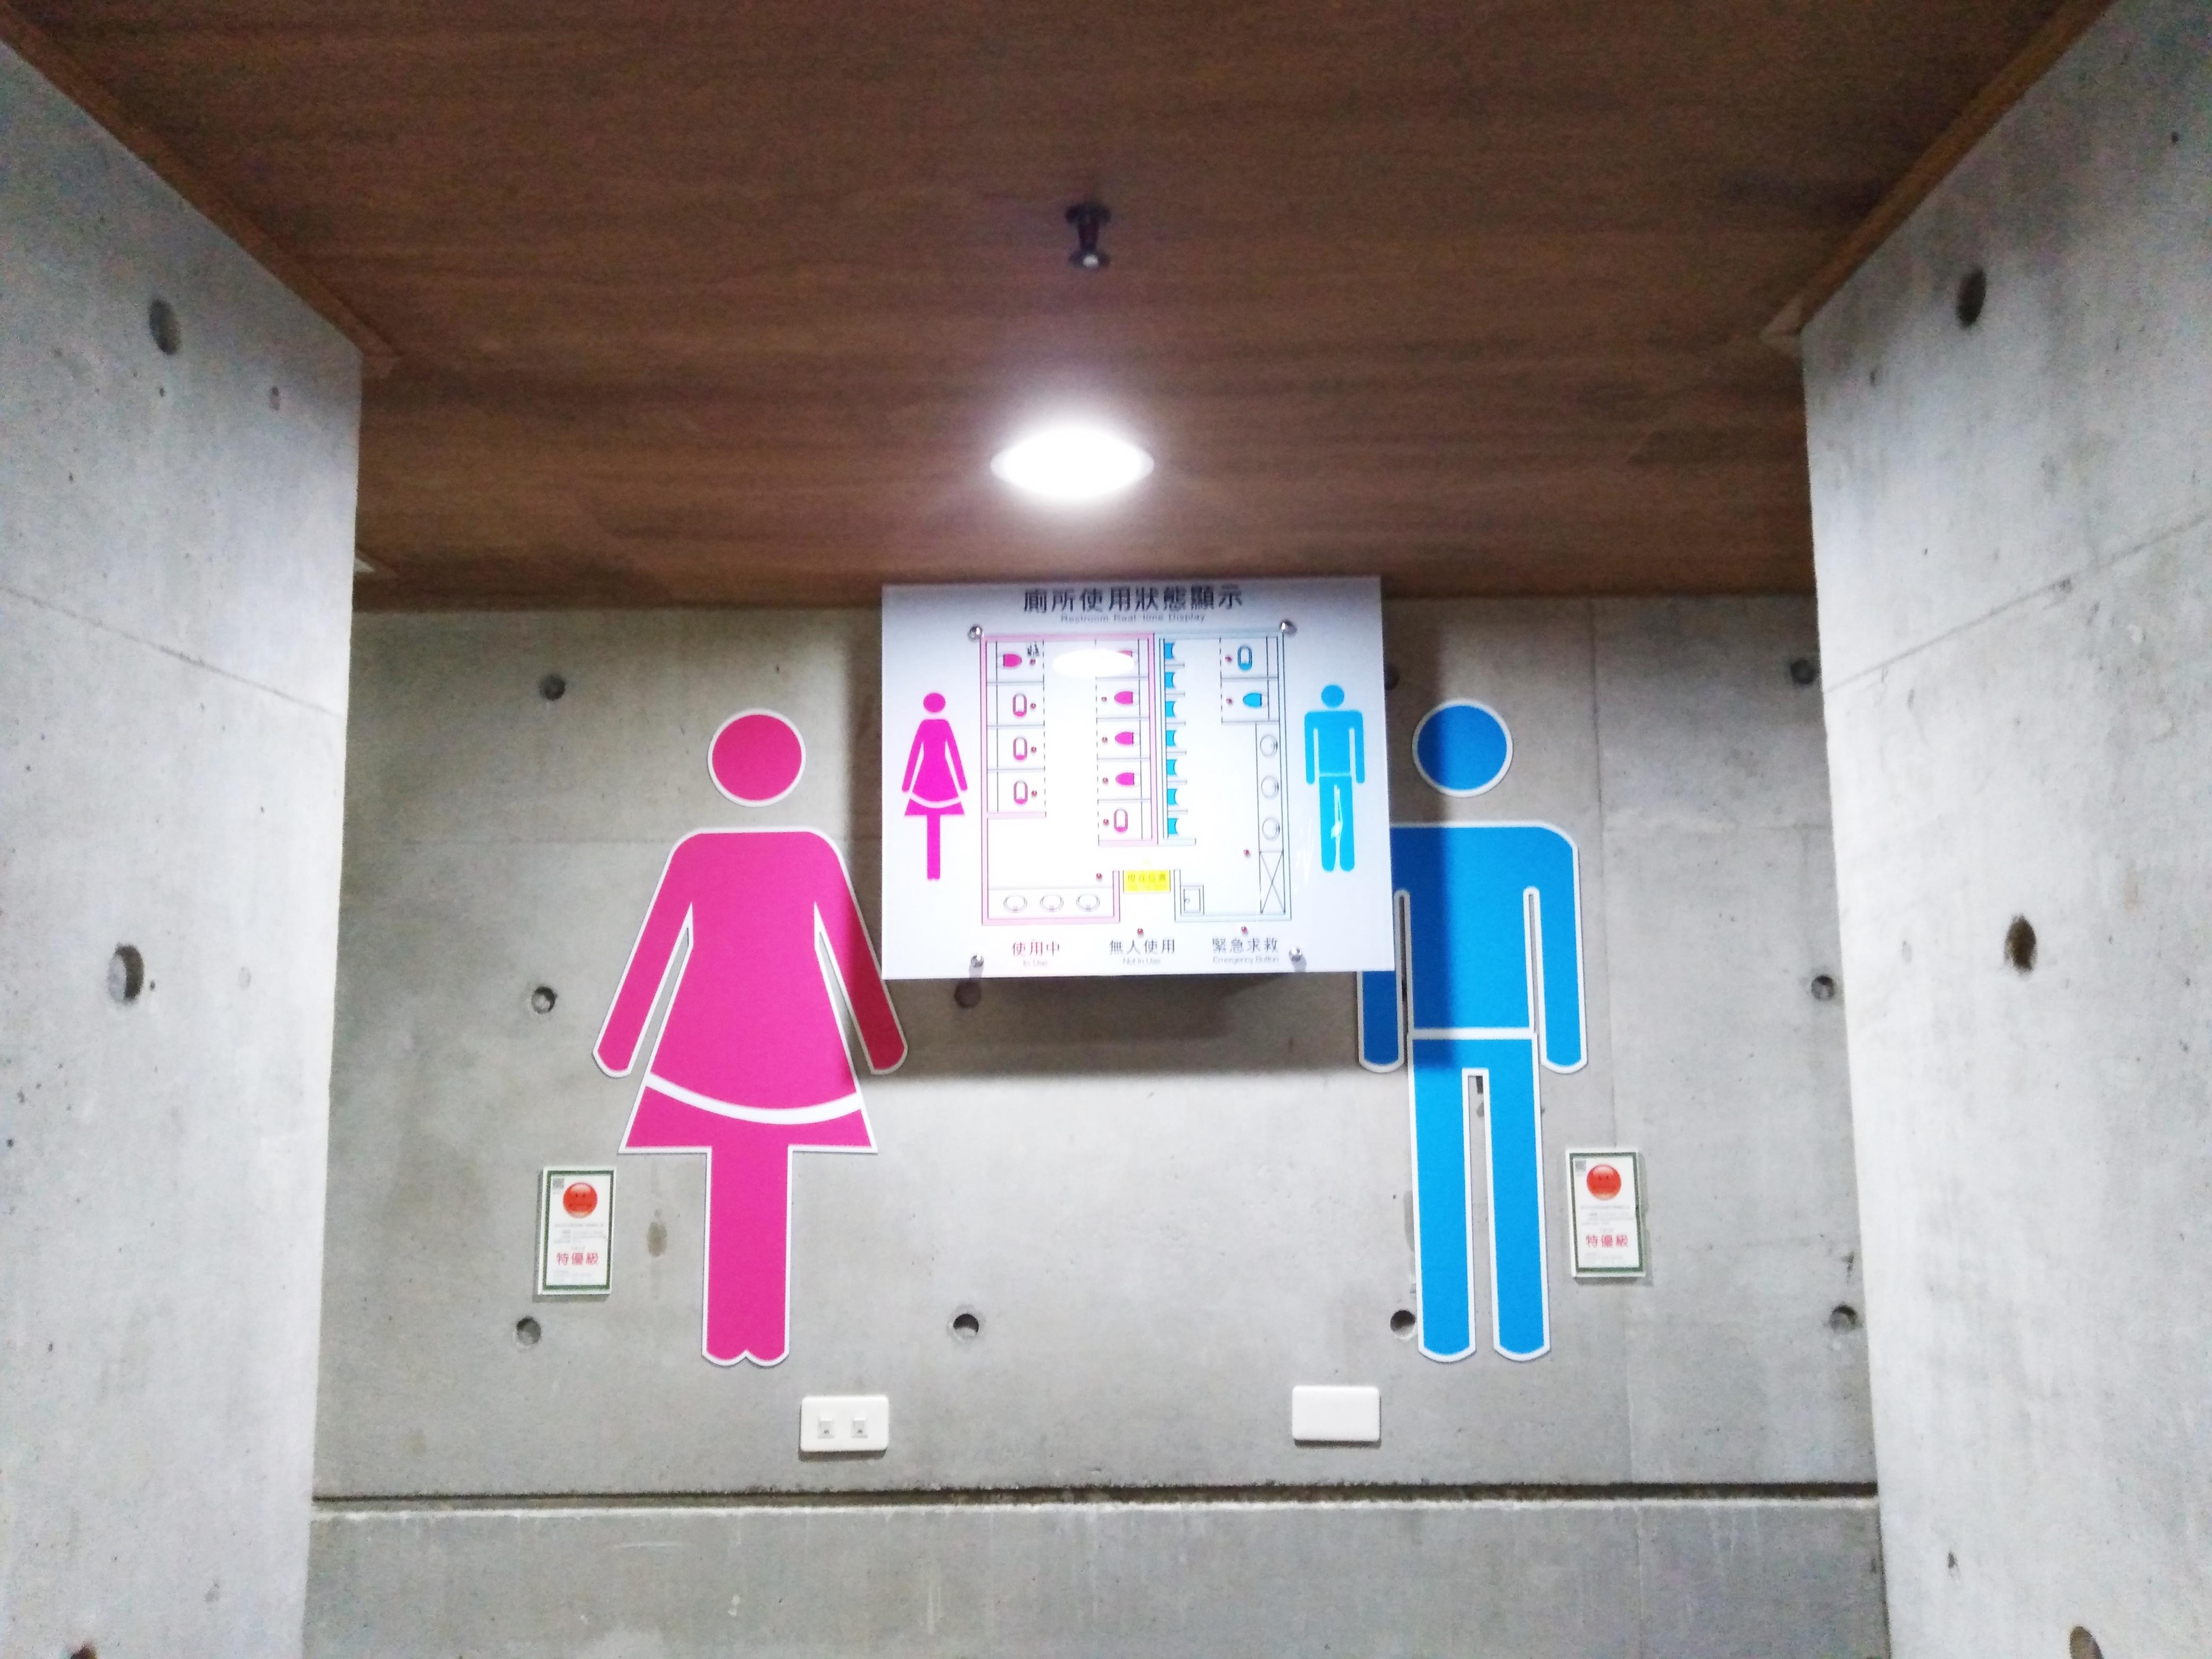 廁所使用狀態顯示看板